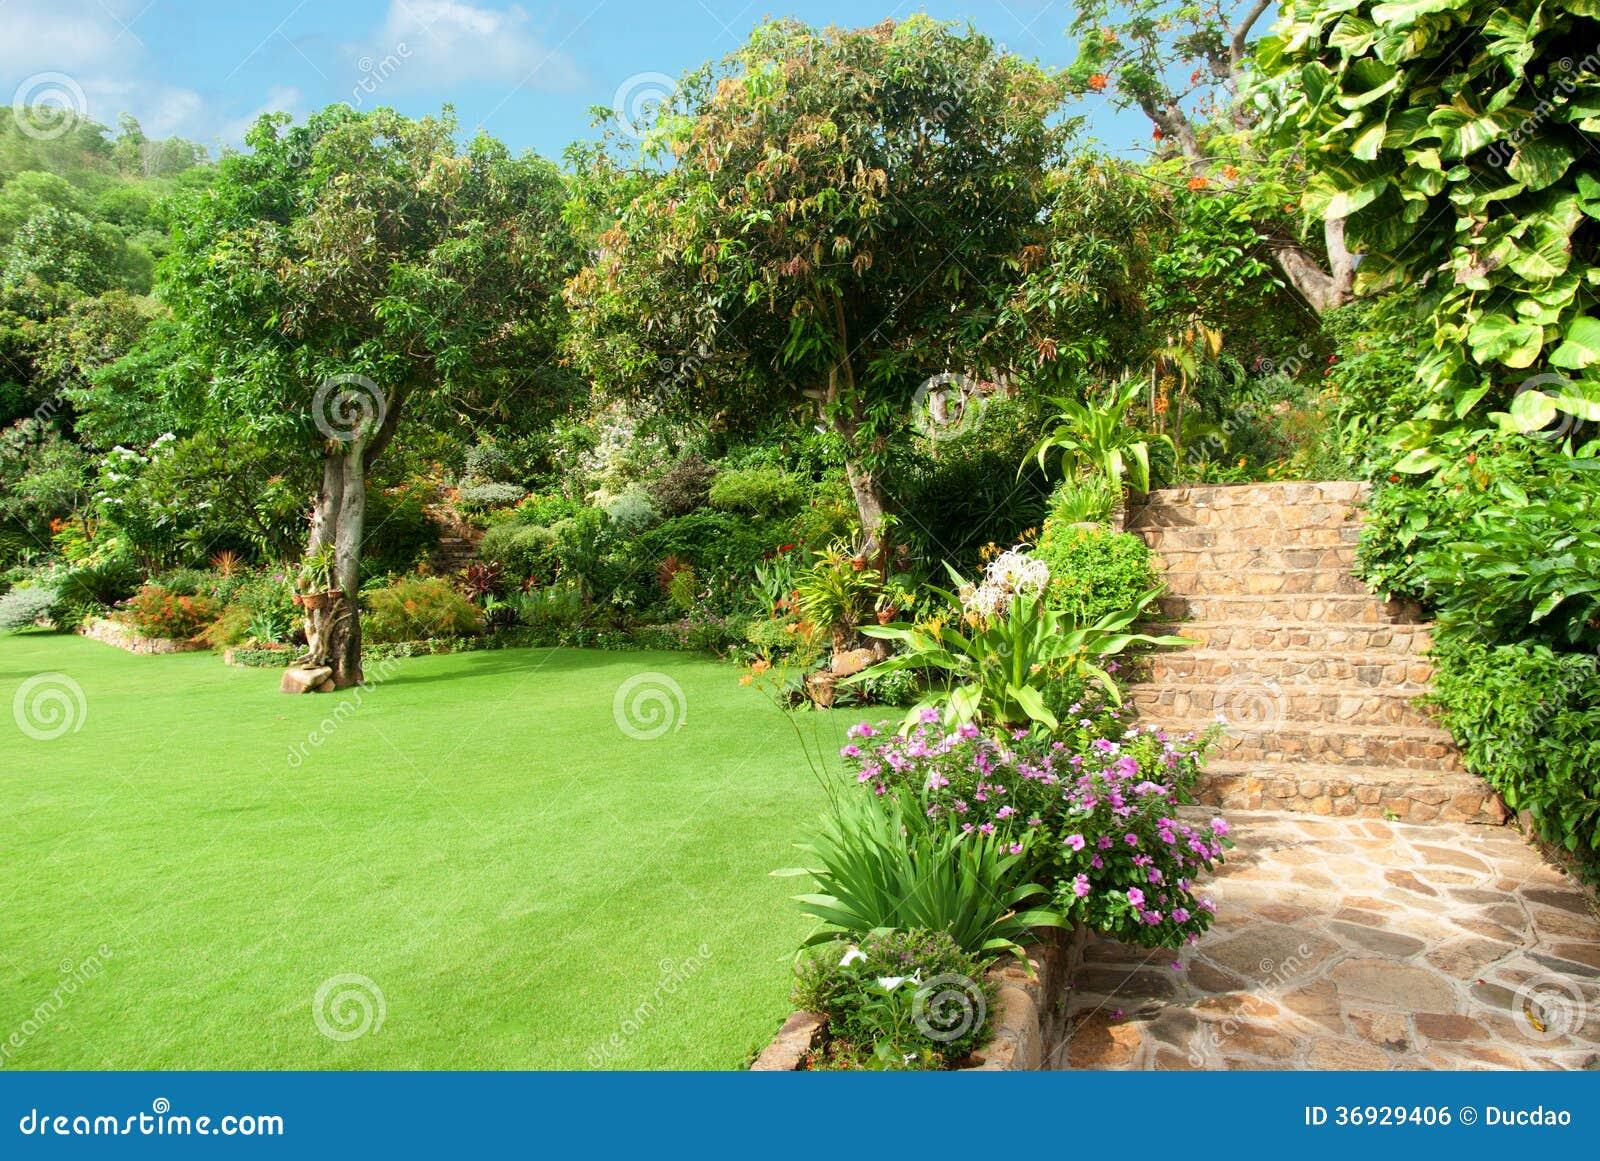 El ajardinar de piedra natural en jard n con las escaleras for Jardines en piedra natural